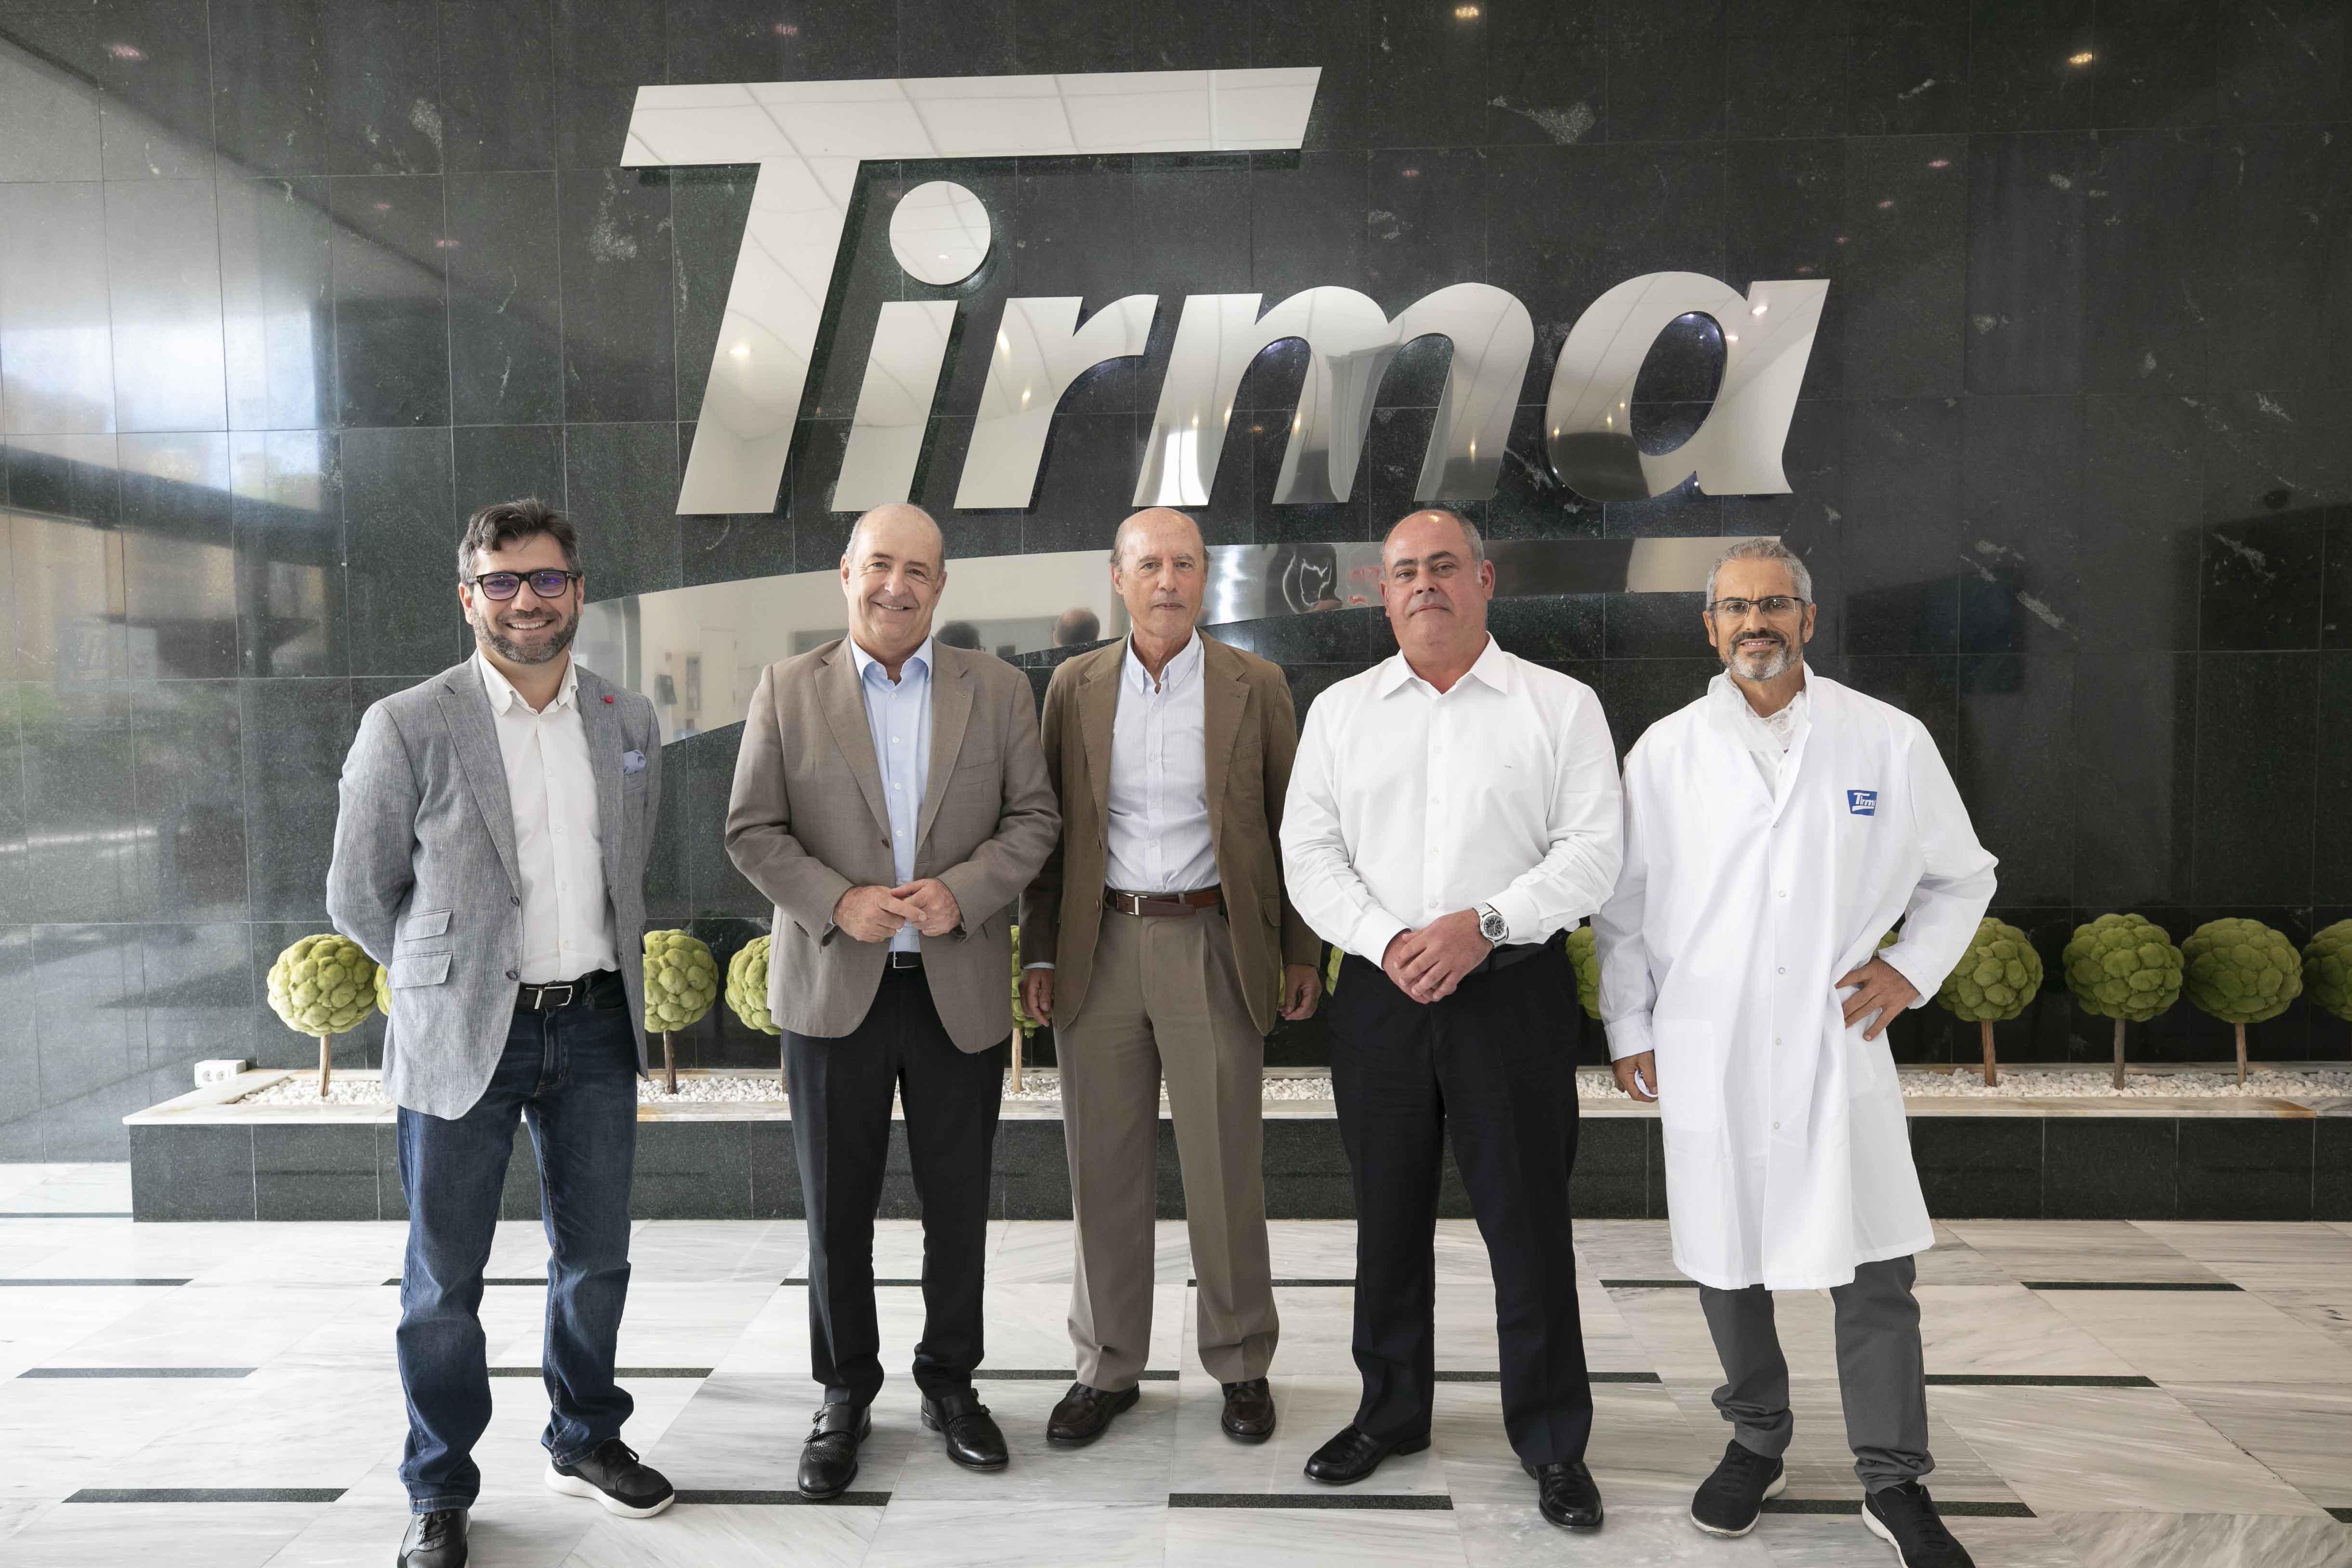 Pedro Ortega destaca el esfuerzo de la industria agroalimentaria de Canarias para expandirse